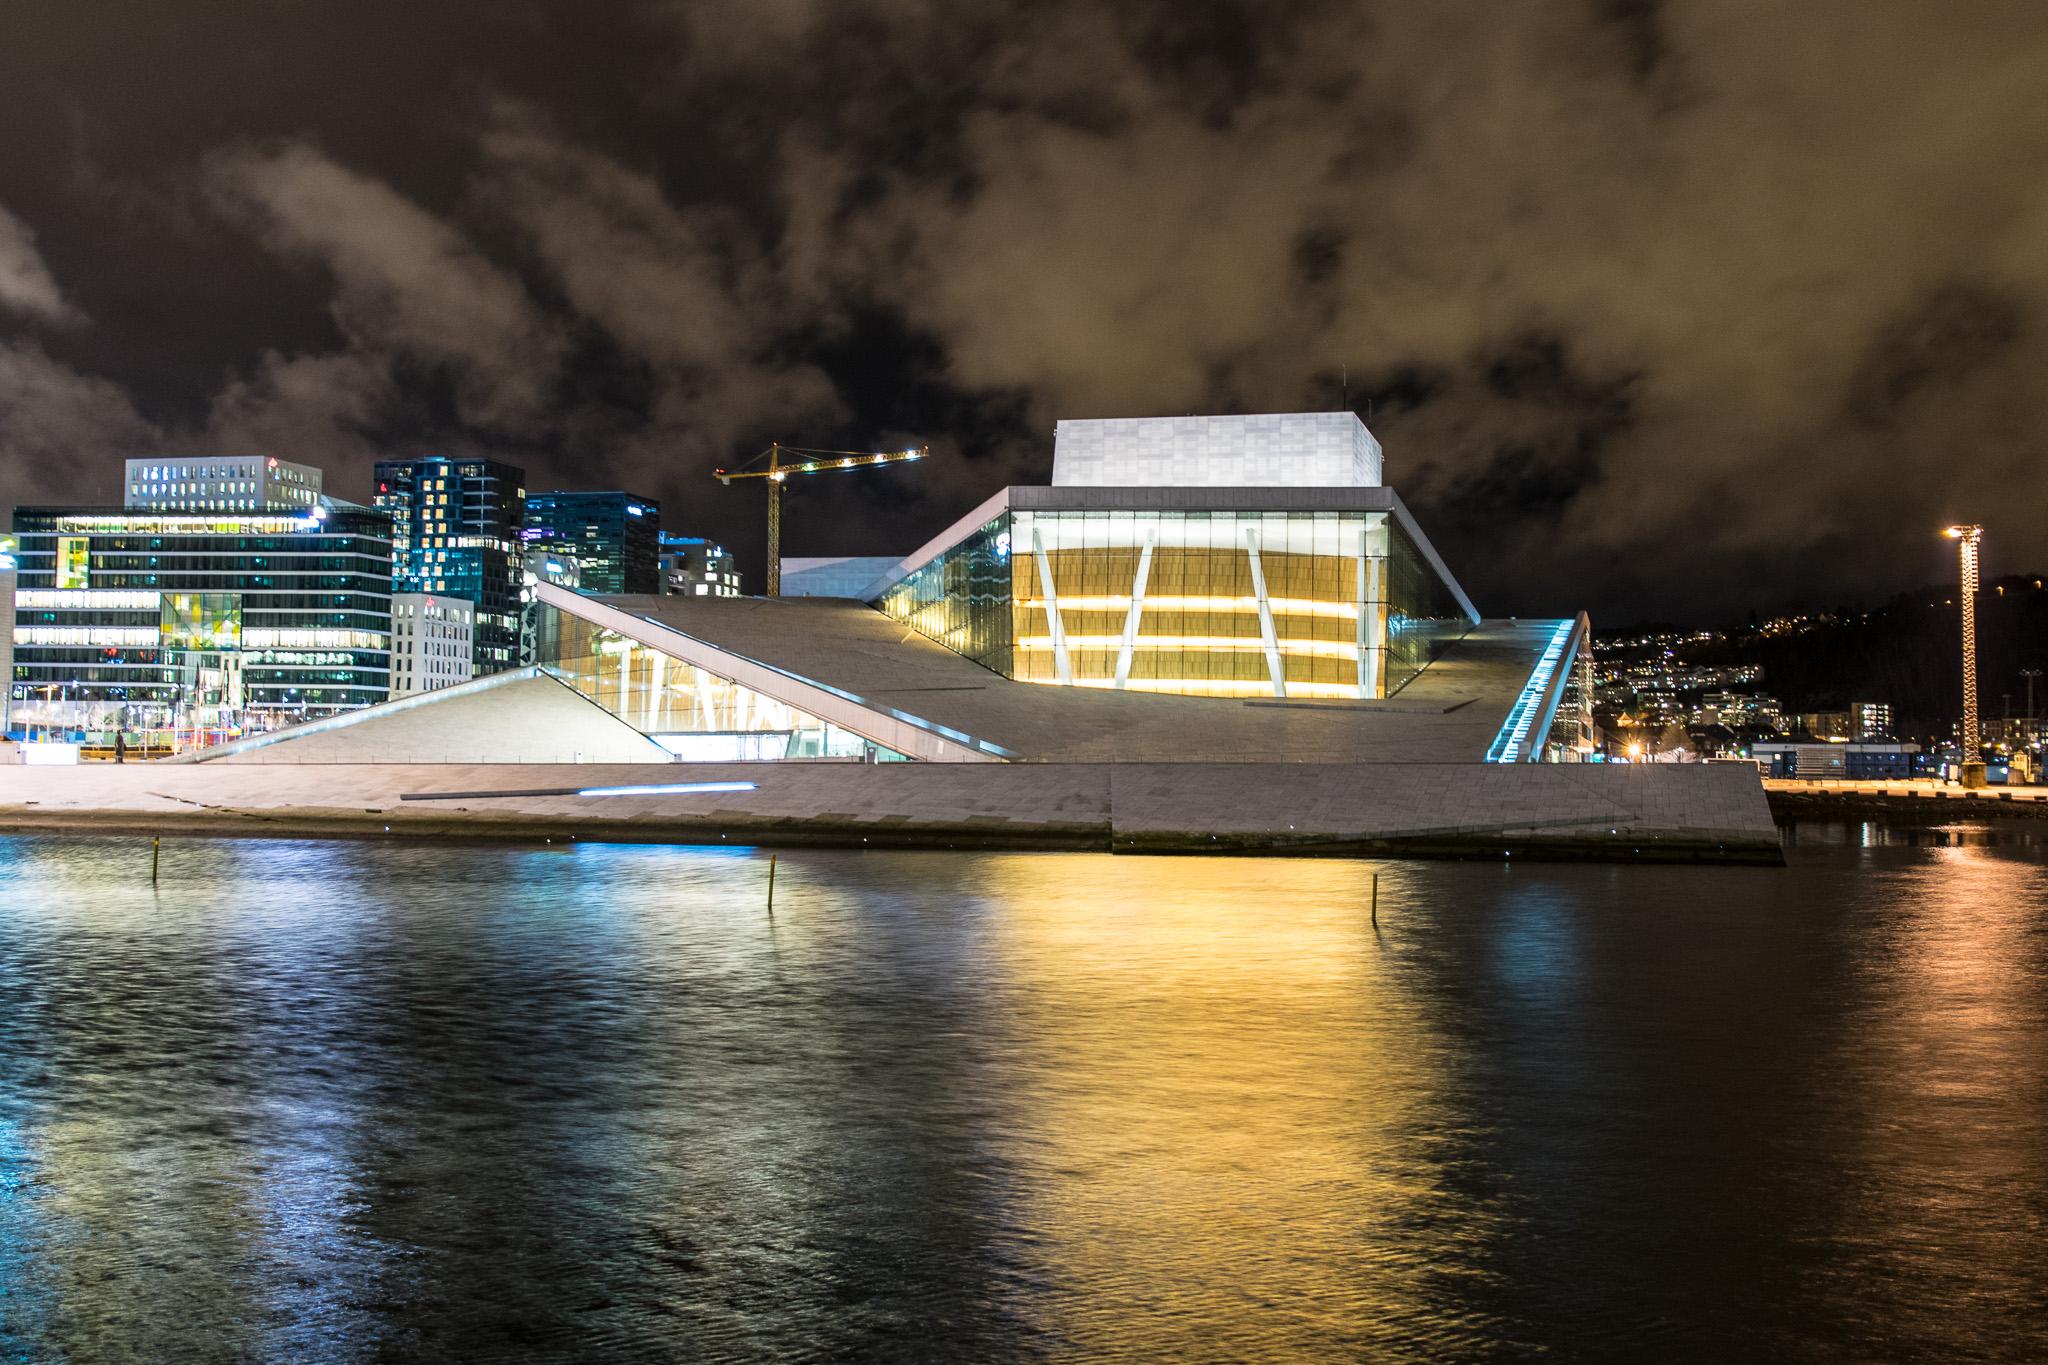 Oslo Opera at night